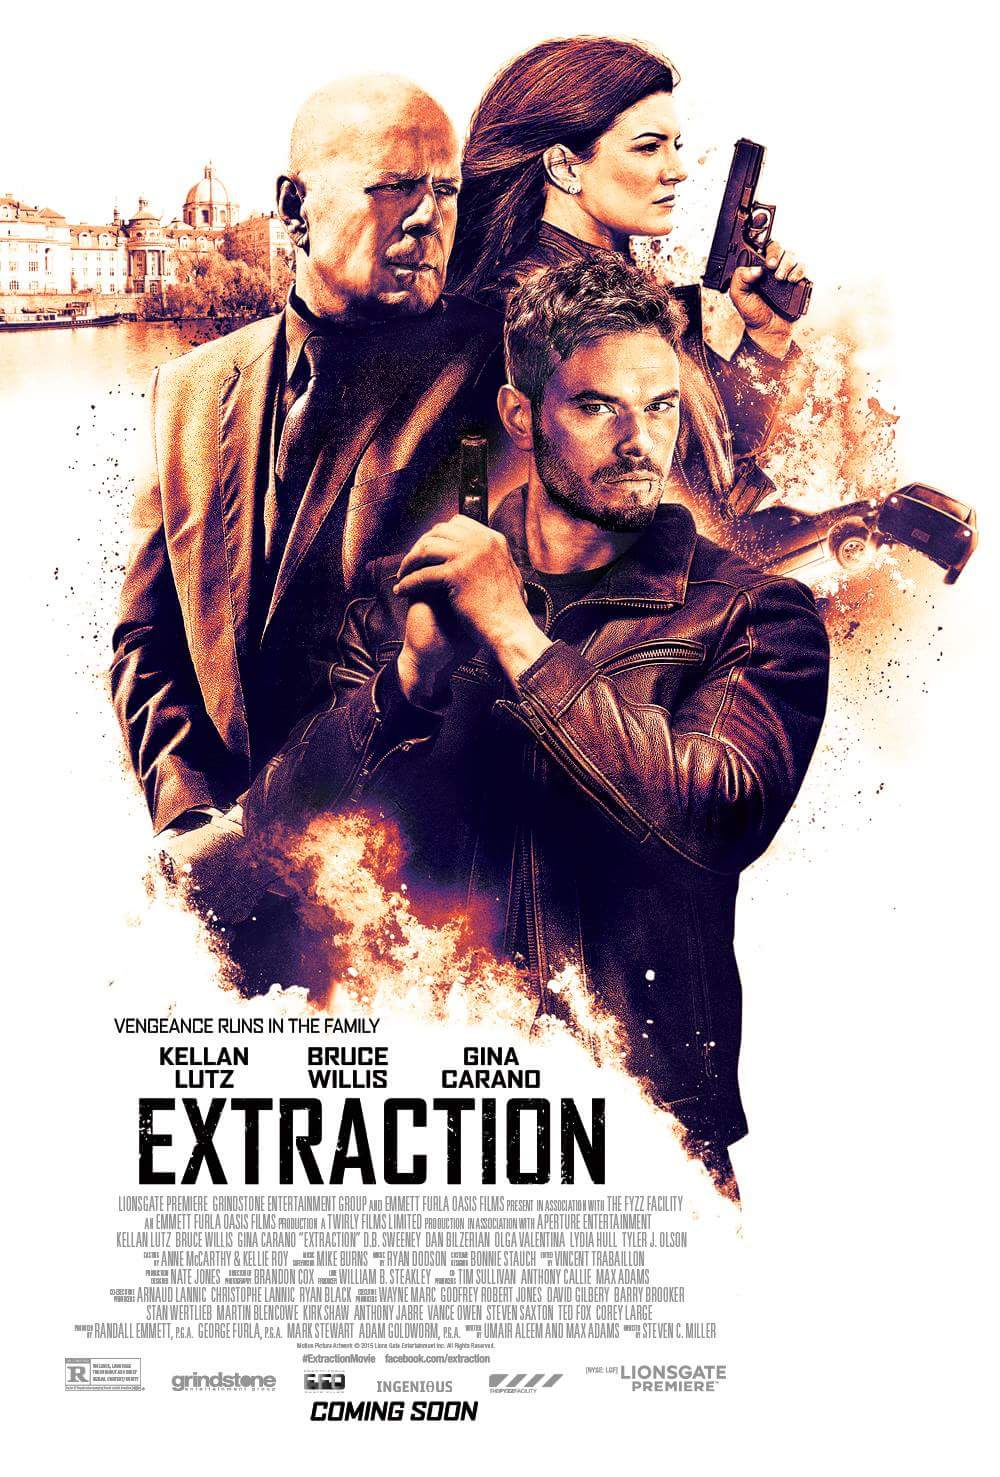 [หนังใหม่ซับแปล] EXTRACTION (2015) [บรูซ วิลลิส และ เคลแลน ลุทซ์ รับบทพ่อลูกบู๊ระห่ำ] [MASTER][1080P][SOUNDTRACK บรรยายไทย]